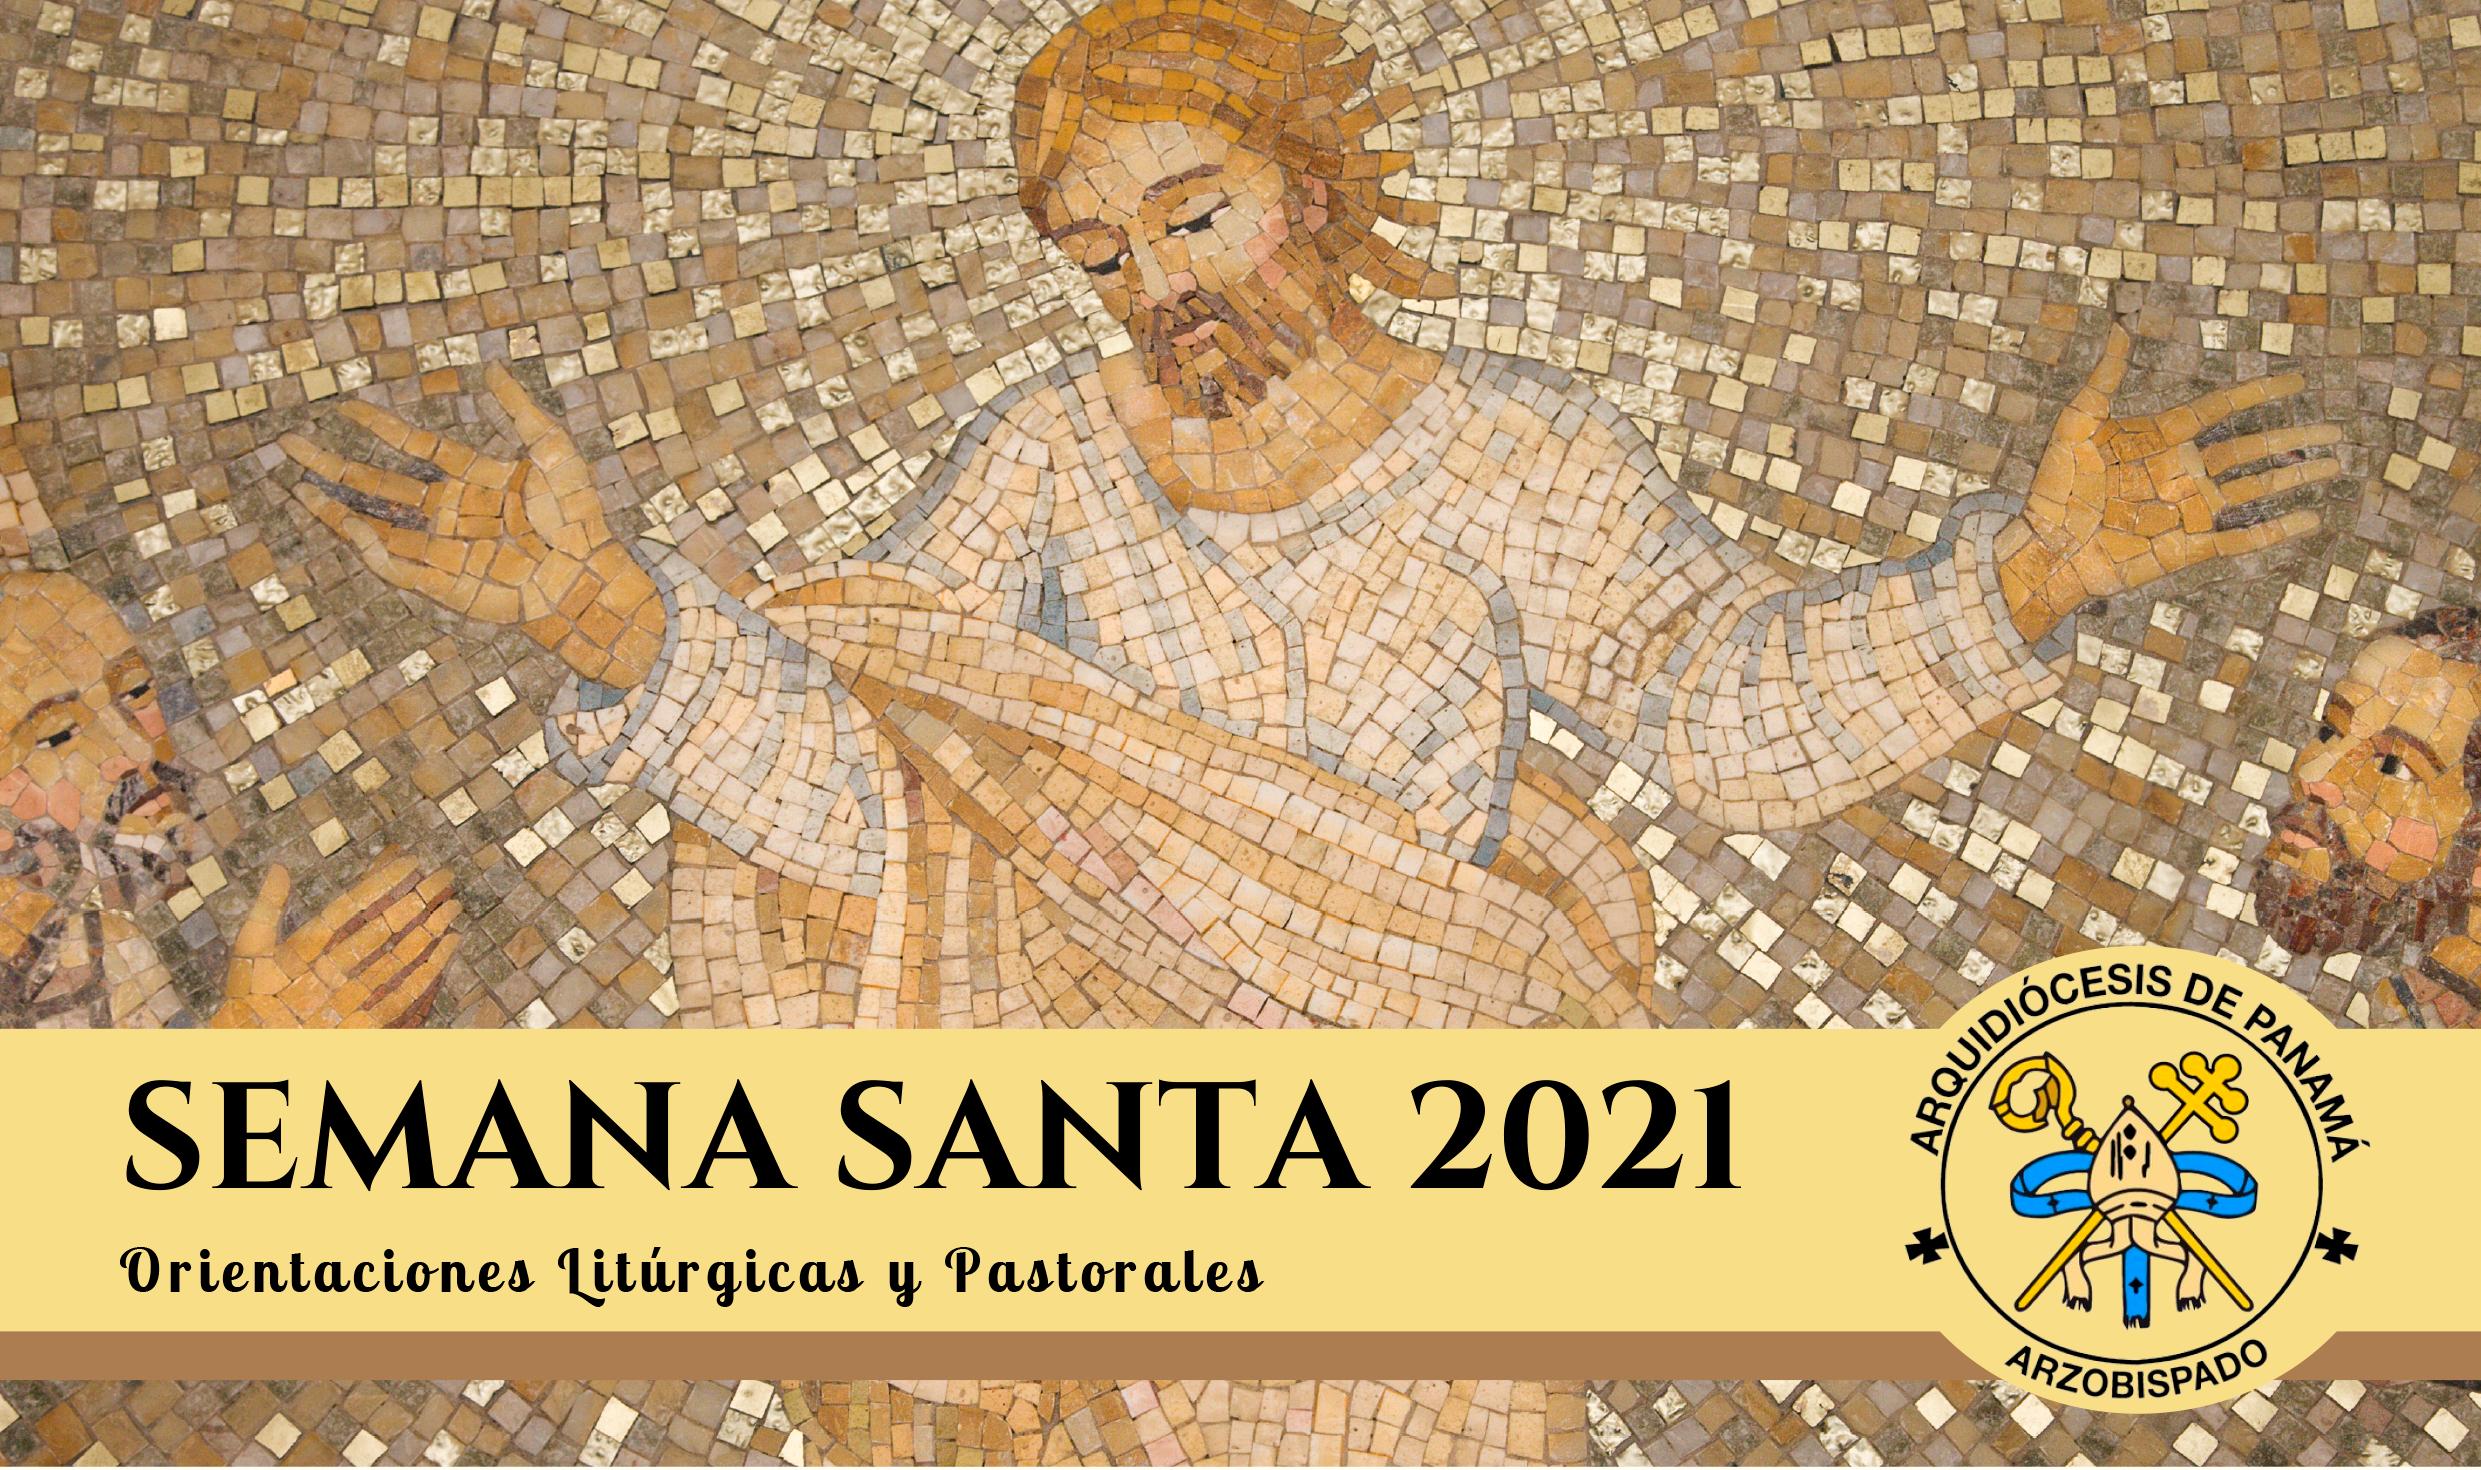 Orientaciones Litúrgicas y Pastorales para la Semana Santa 2021